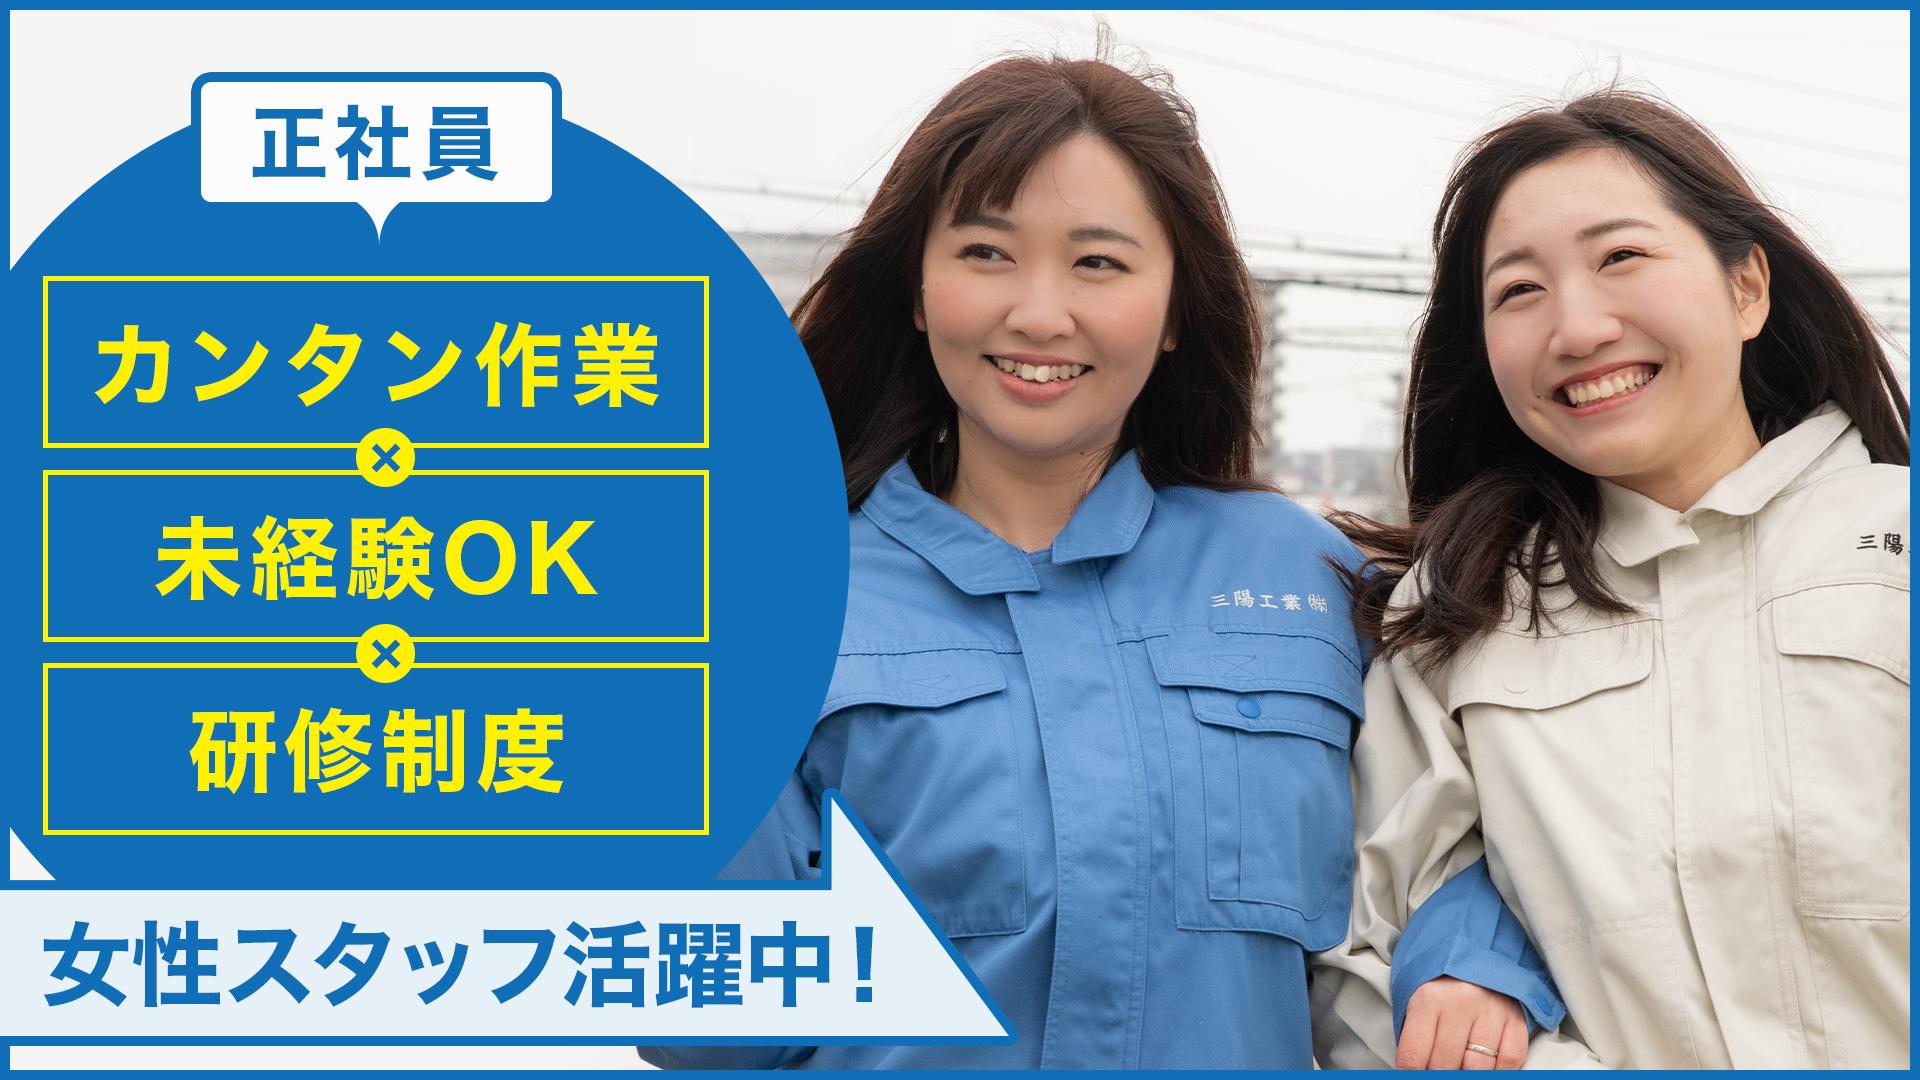 【賞与年2回/年休120日以上】未経験者歓迎!工場内での目視検査など軽作業スタッフを募集!